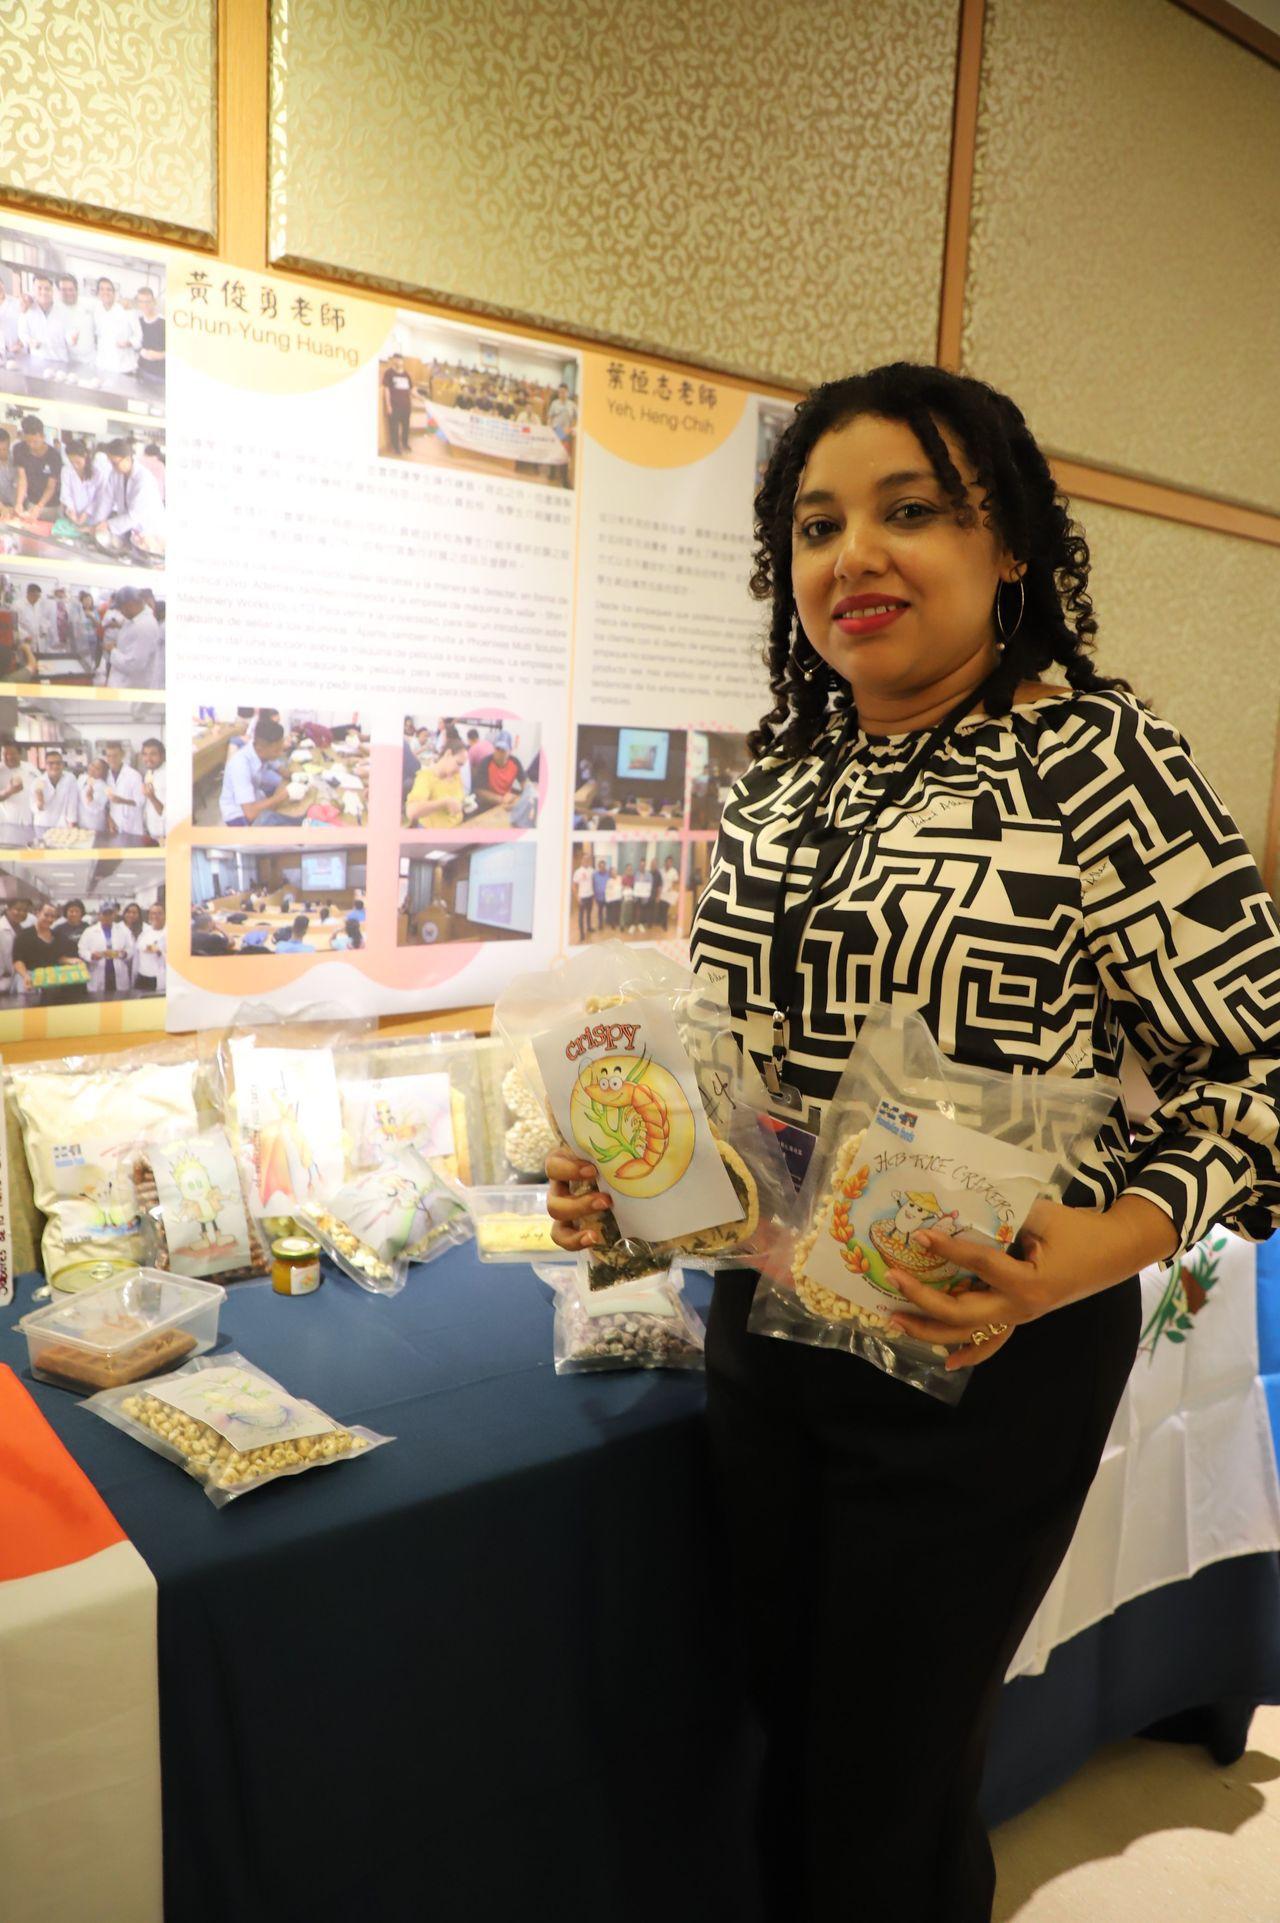 貝里斯的學員Alma Rosa Carcamo展示學習成果。記者王昭月/攝影